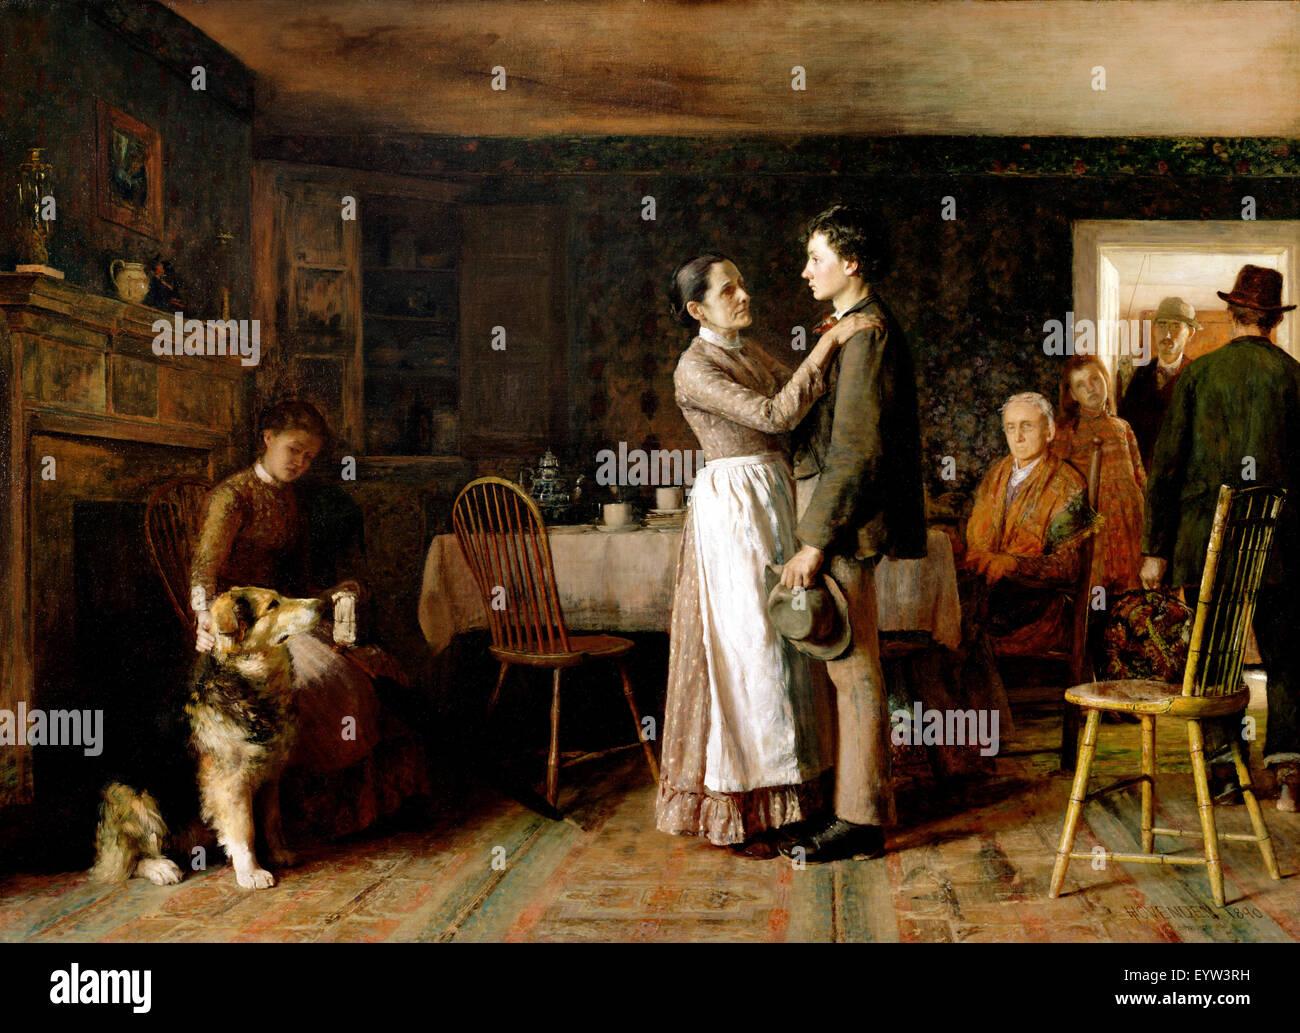 Thomas Hovenden, rompiendo los lazos familiares 1890 Óleo sobre lienzo. Museo de Arte de Filadelfia, Estados Imagen De Stock